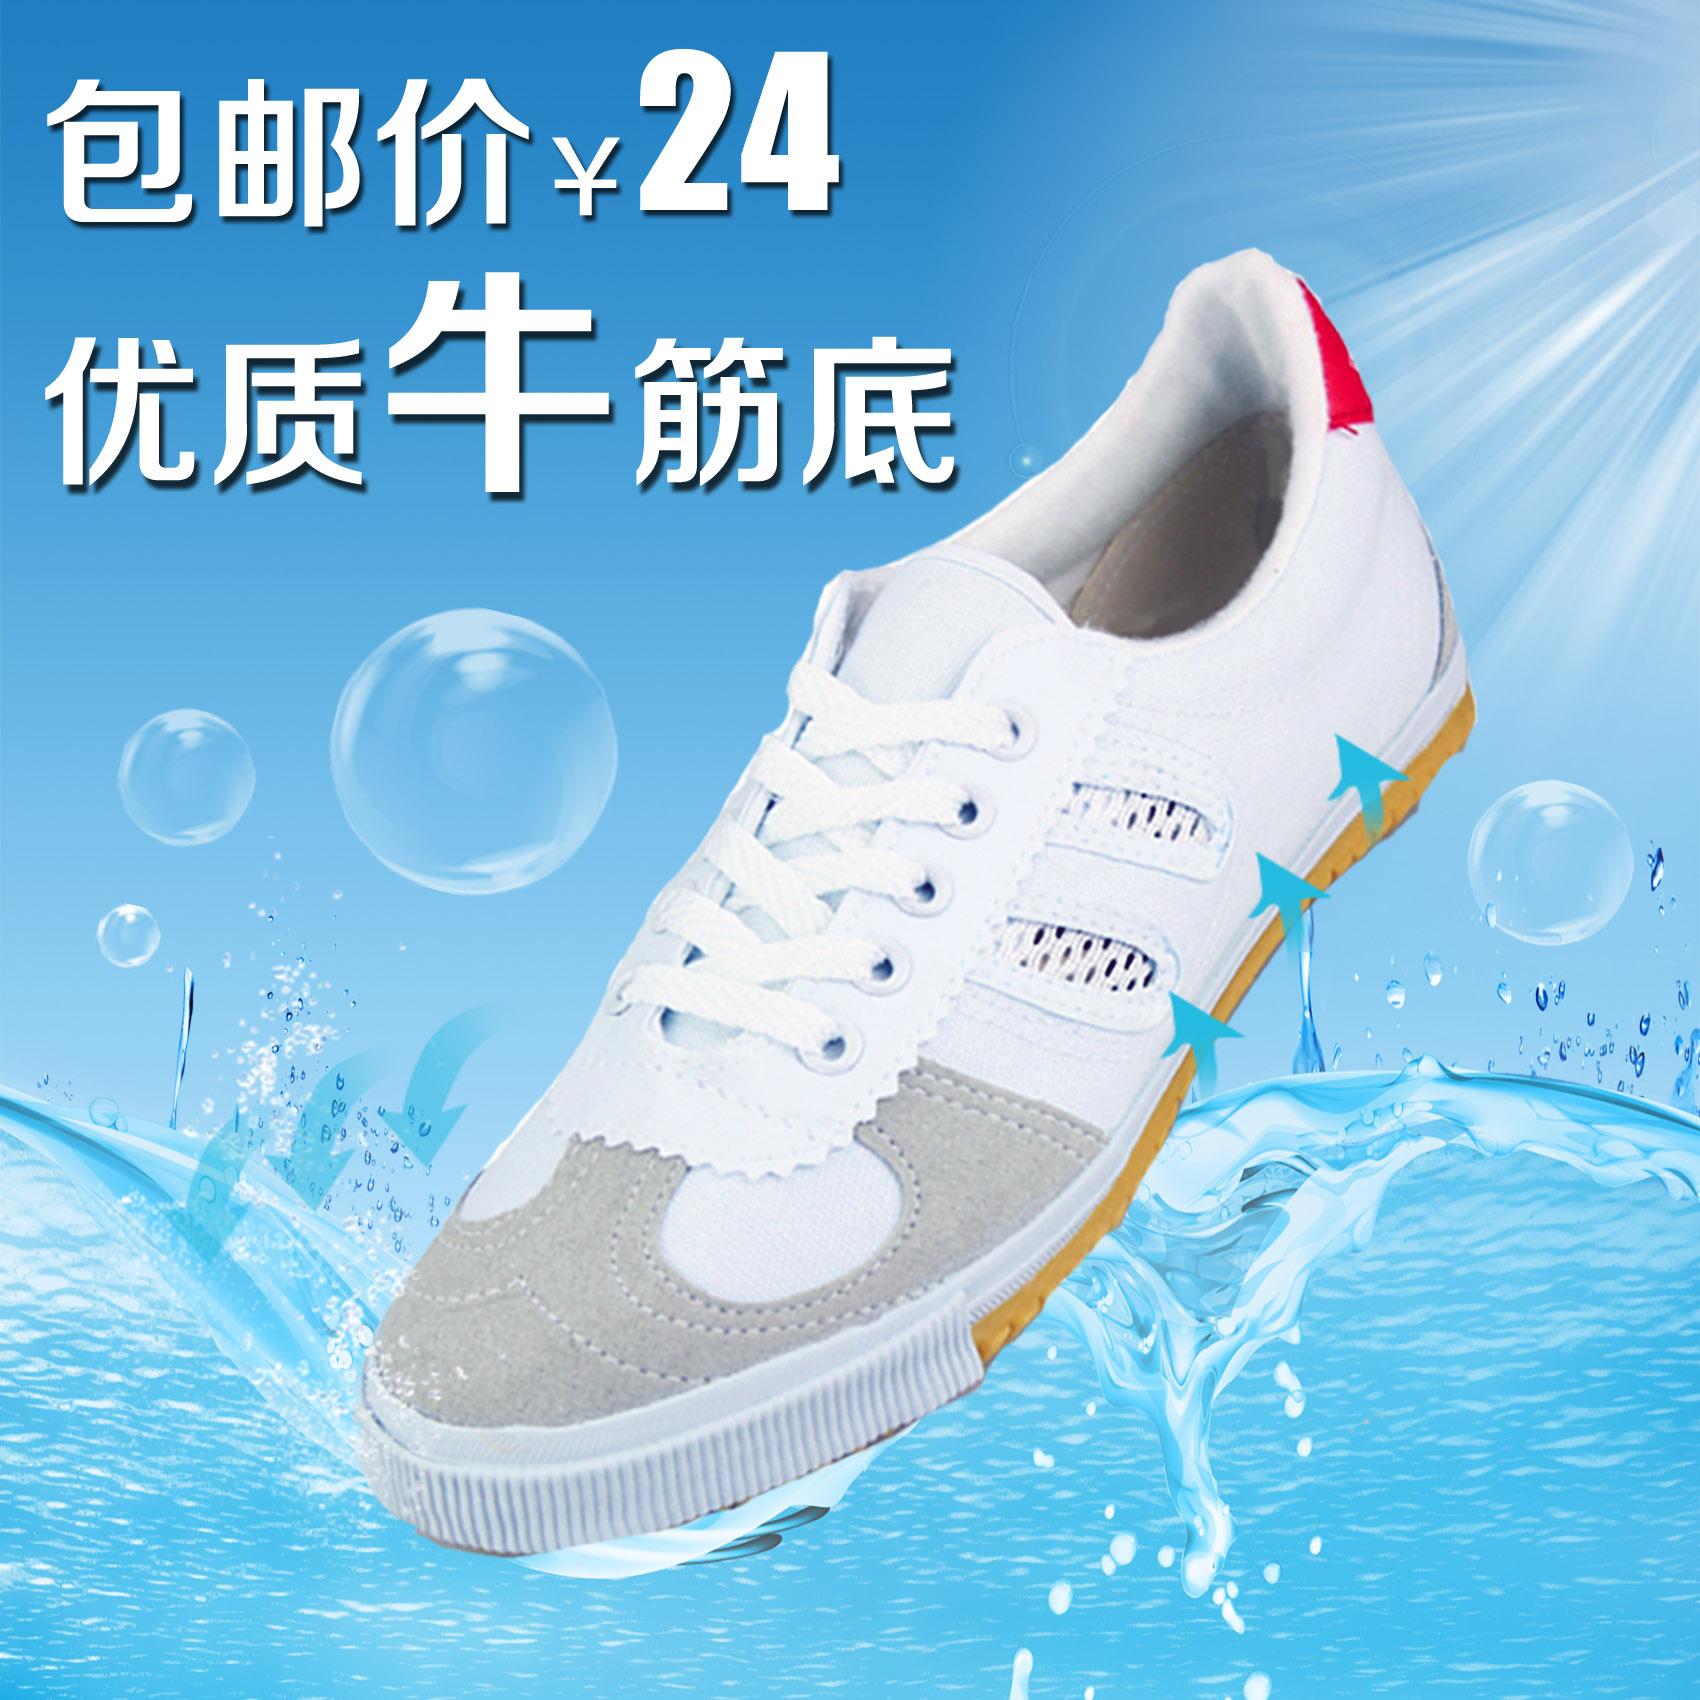 正品双星排球鞋牛筋底训练武术锻炼运动帆布鞋男女跑步鞋网跑鞋